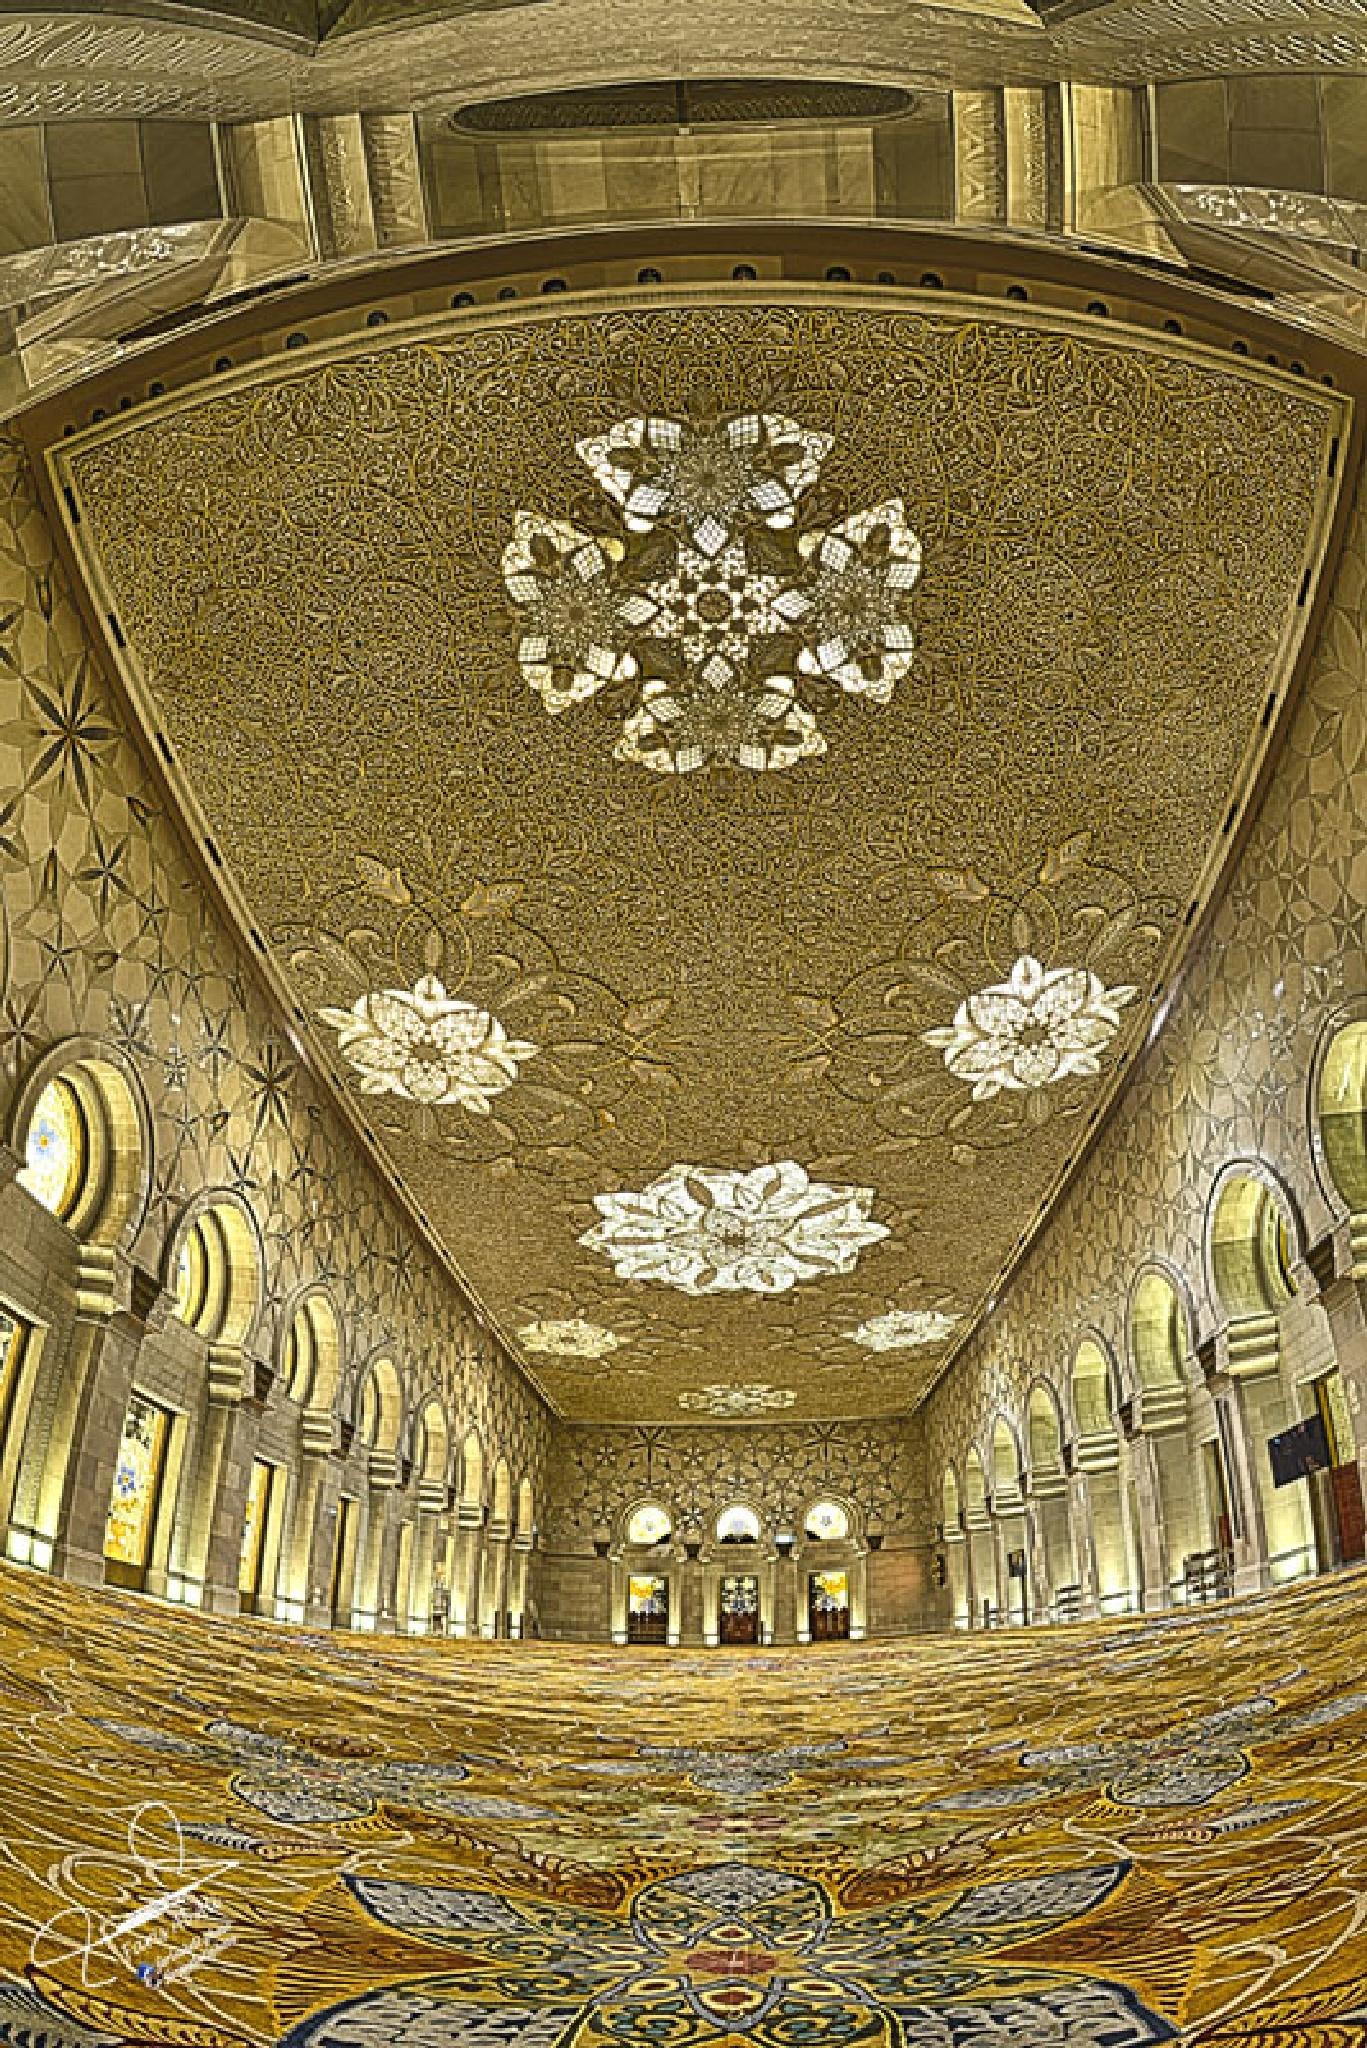 Sheikh Zayed Mosque by farisalali.photo